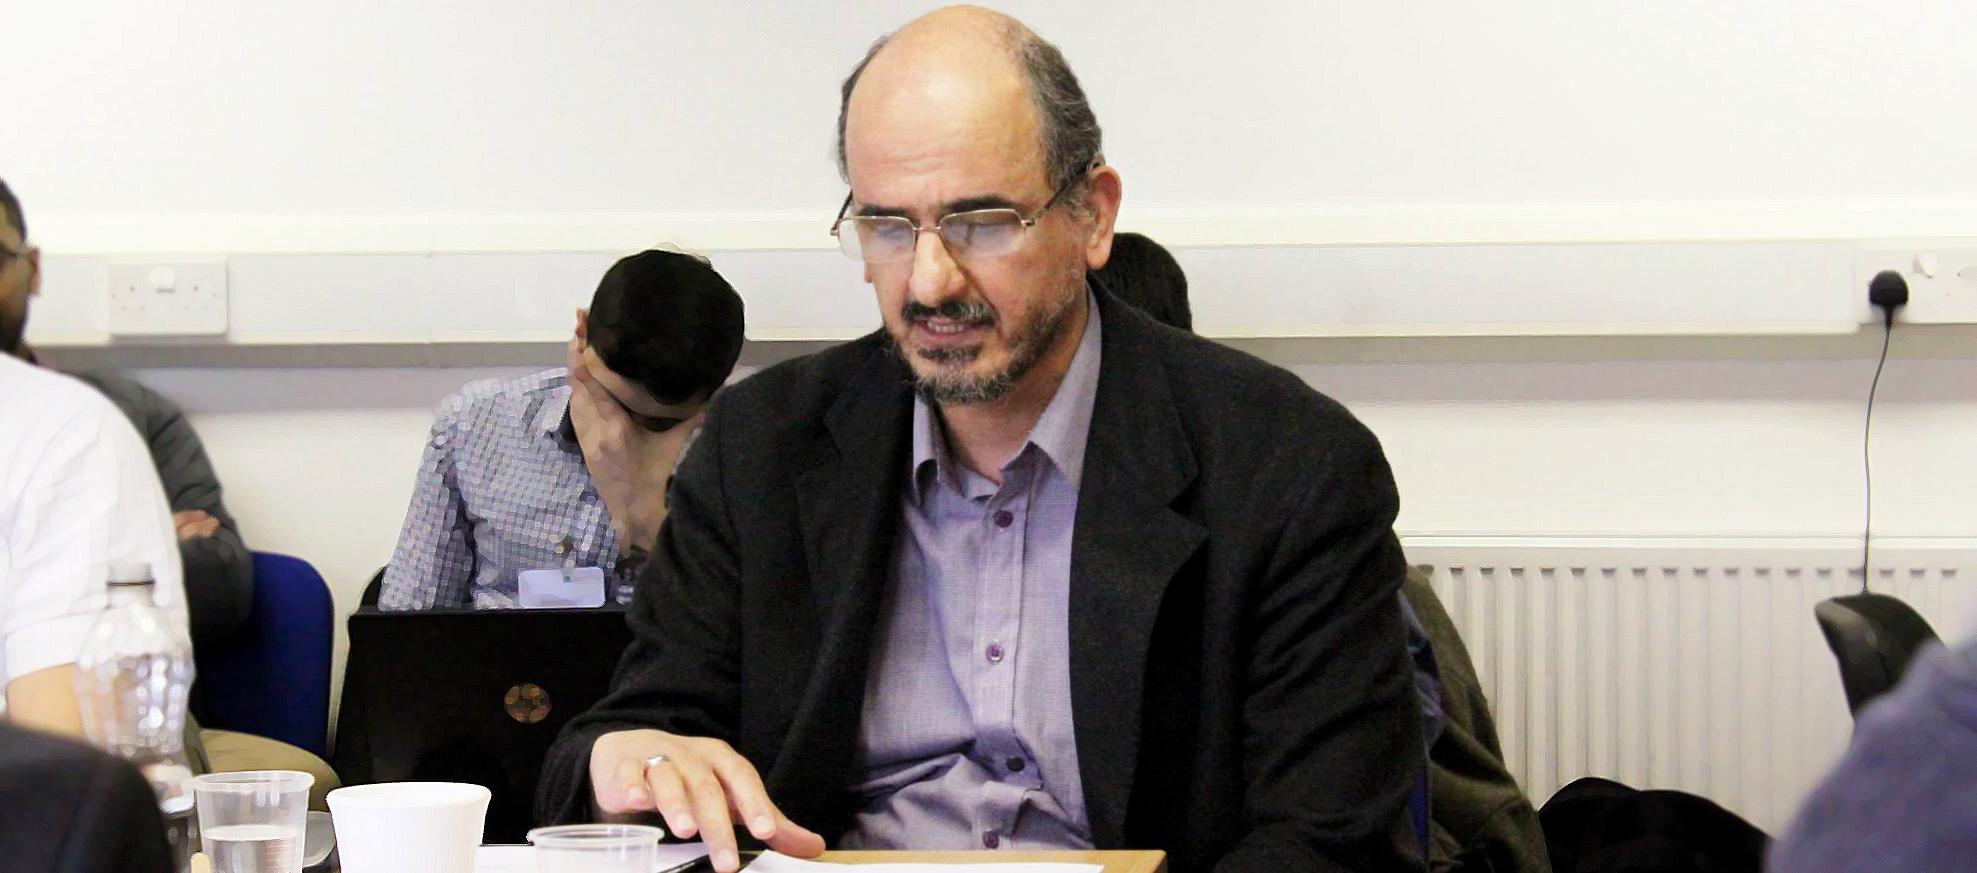 دکتر ابوالقاسم فنائی ( فیلسوف اخلاق و الهیدان ؛ مدرس دانشگاه مفید)